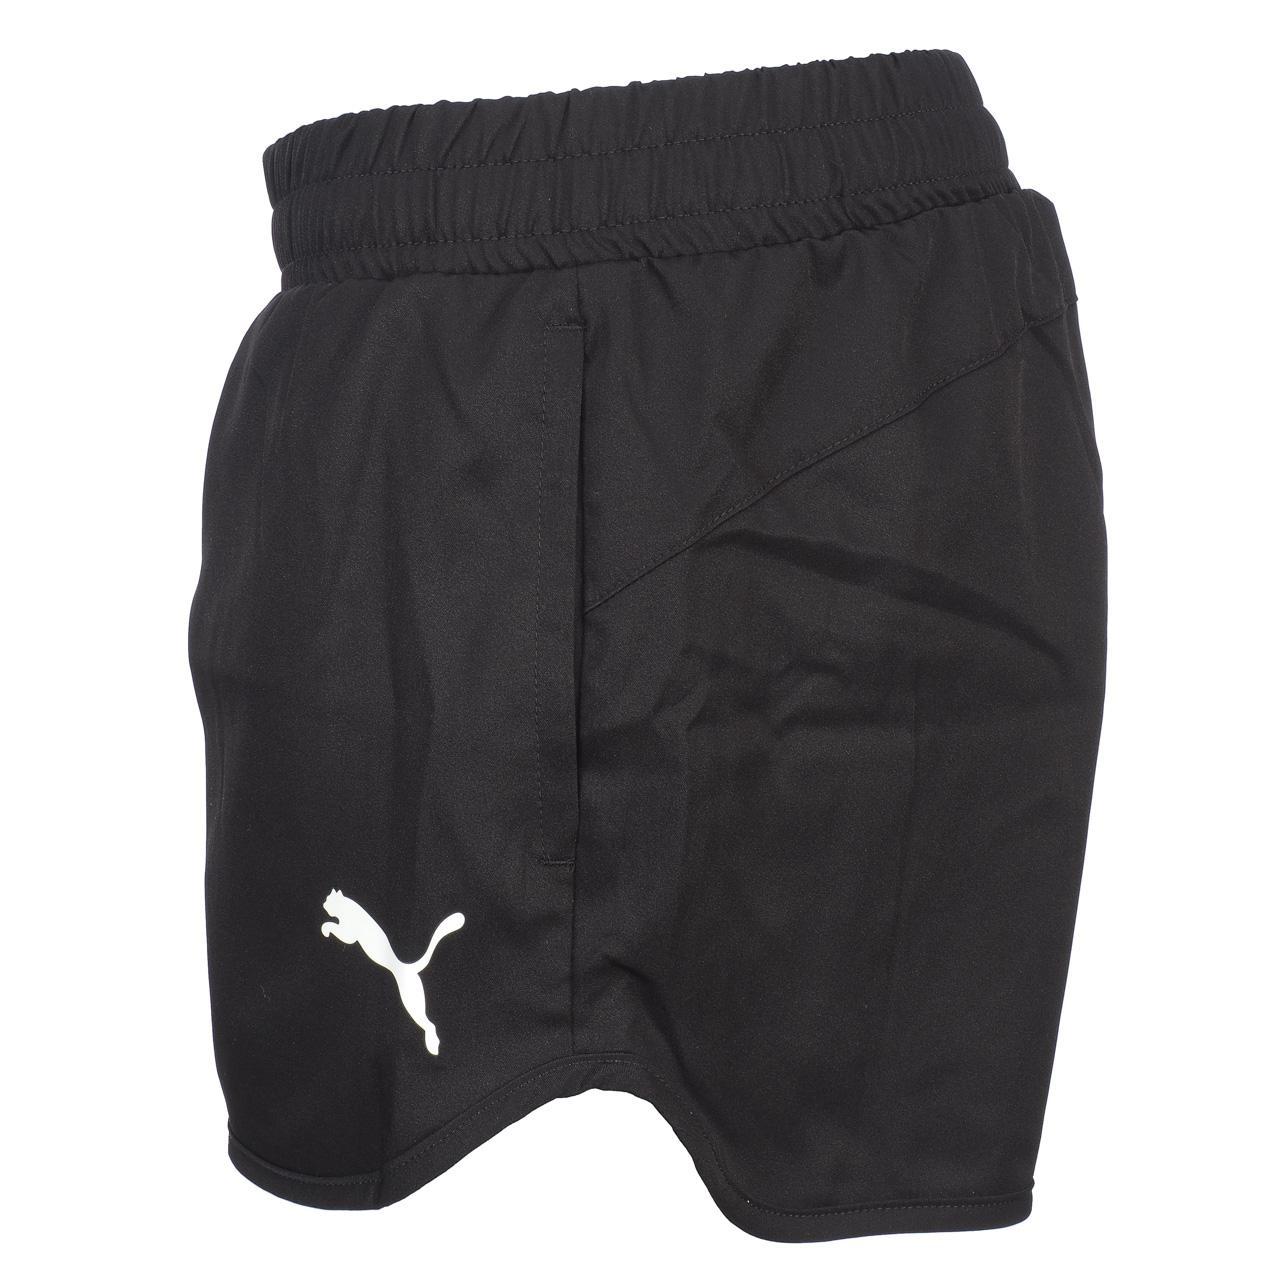 Frau-Shorts-Puma-Active-Woven-Shorts-Blk-L-Schwarz-13011-Neu Indexbild 2